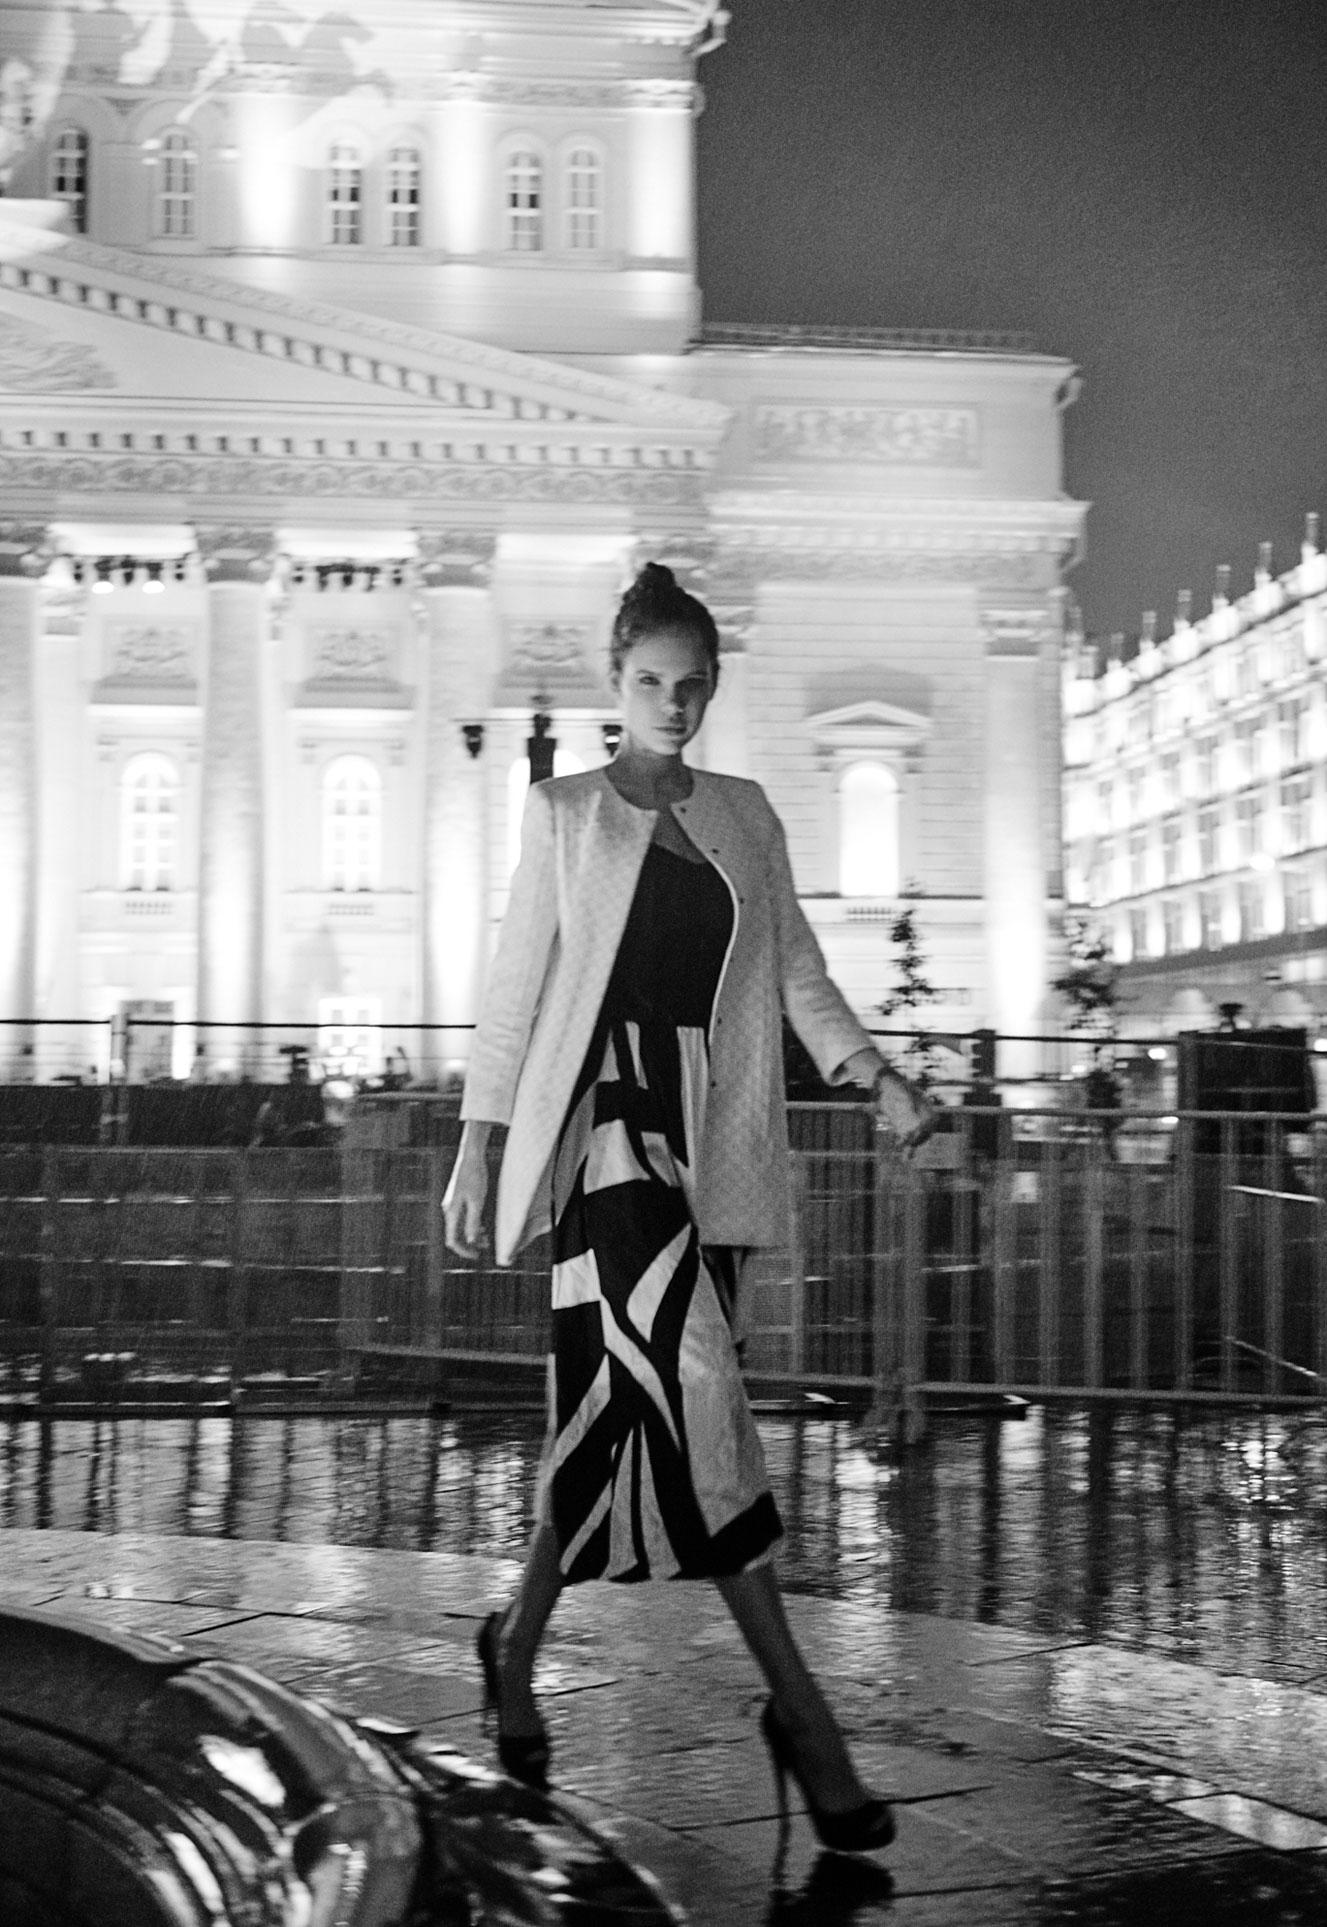 Настасья Волконская гуляет по ночному городу / фото 05